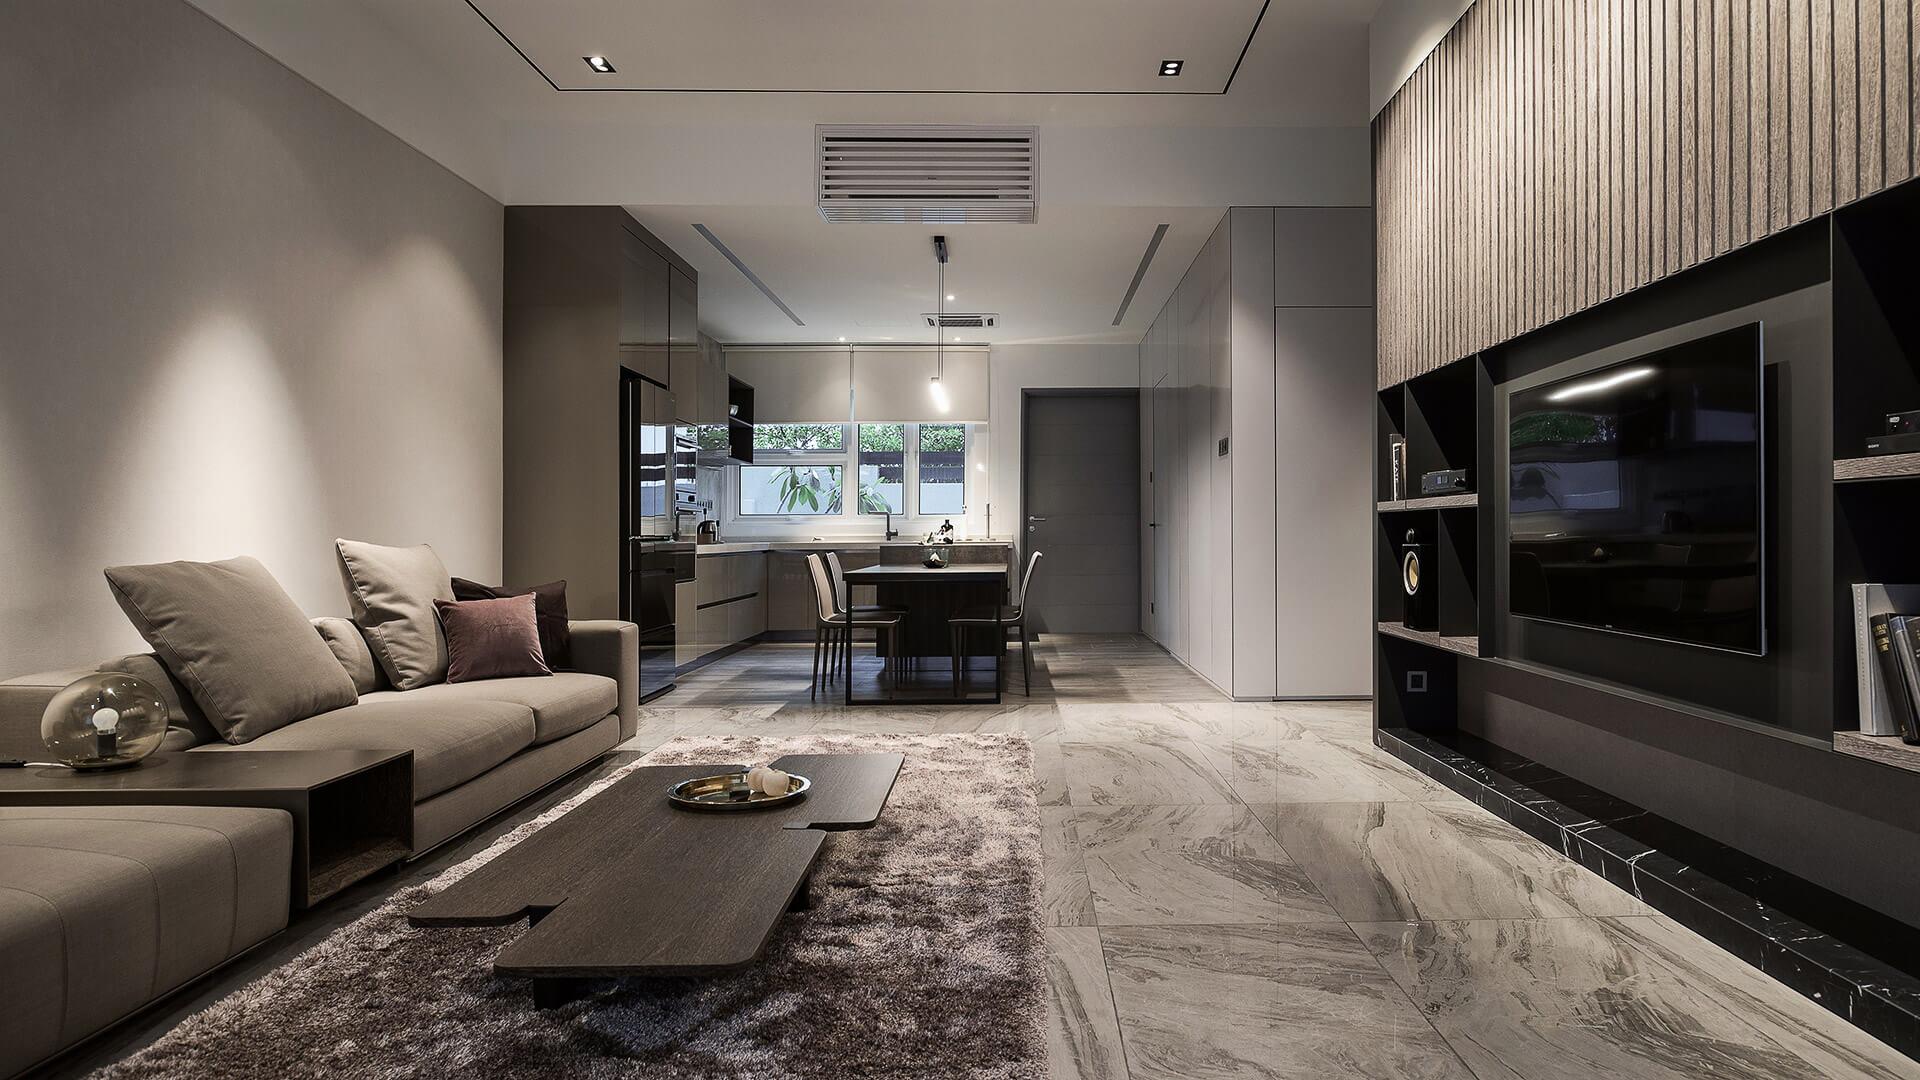 ambientazione-soggiorno-salone-living-moderna-varriale-interior-design